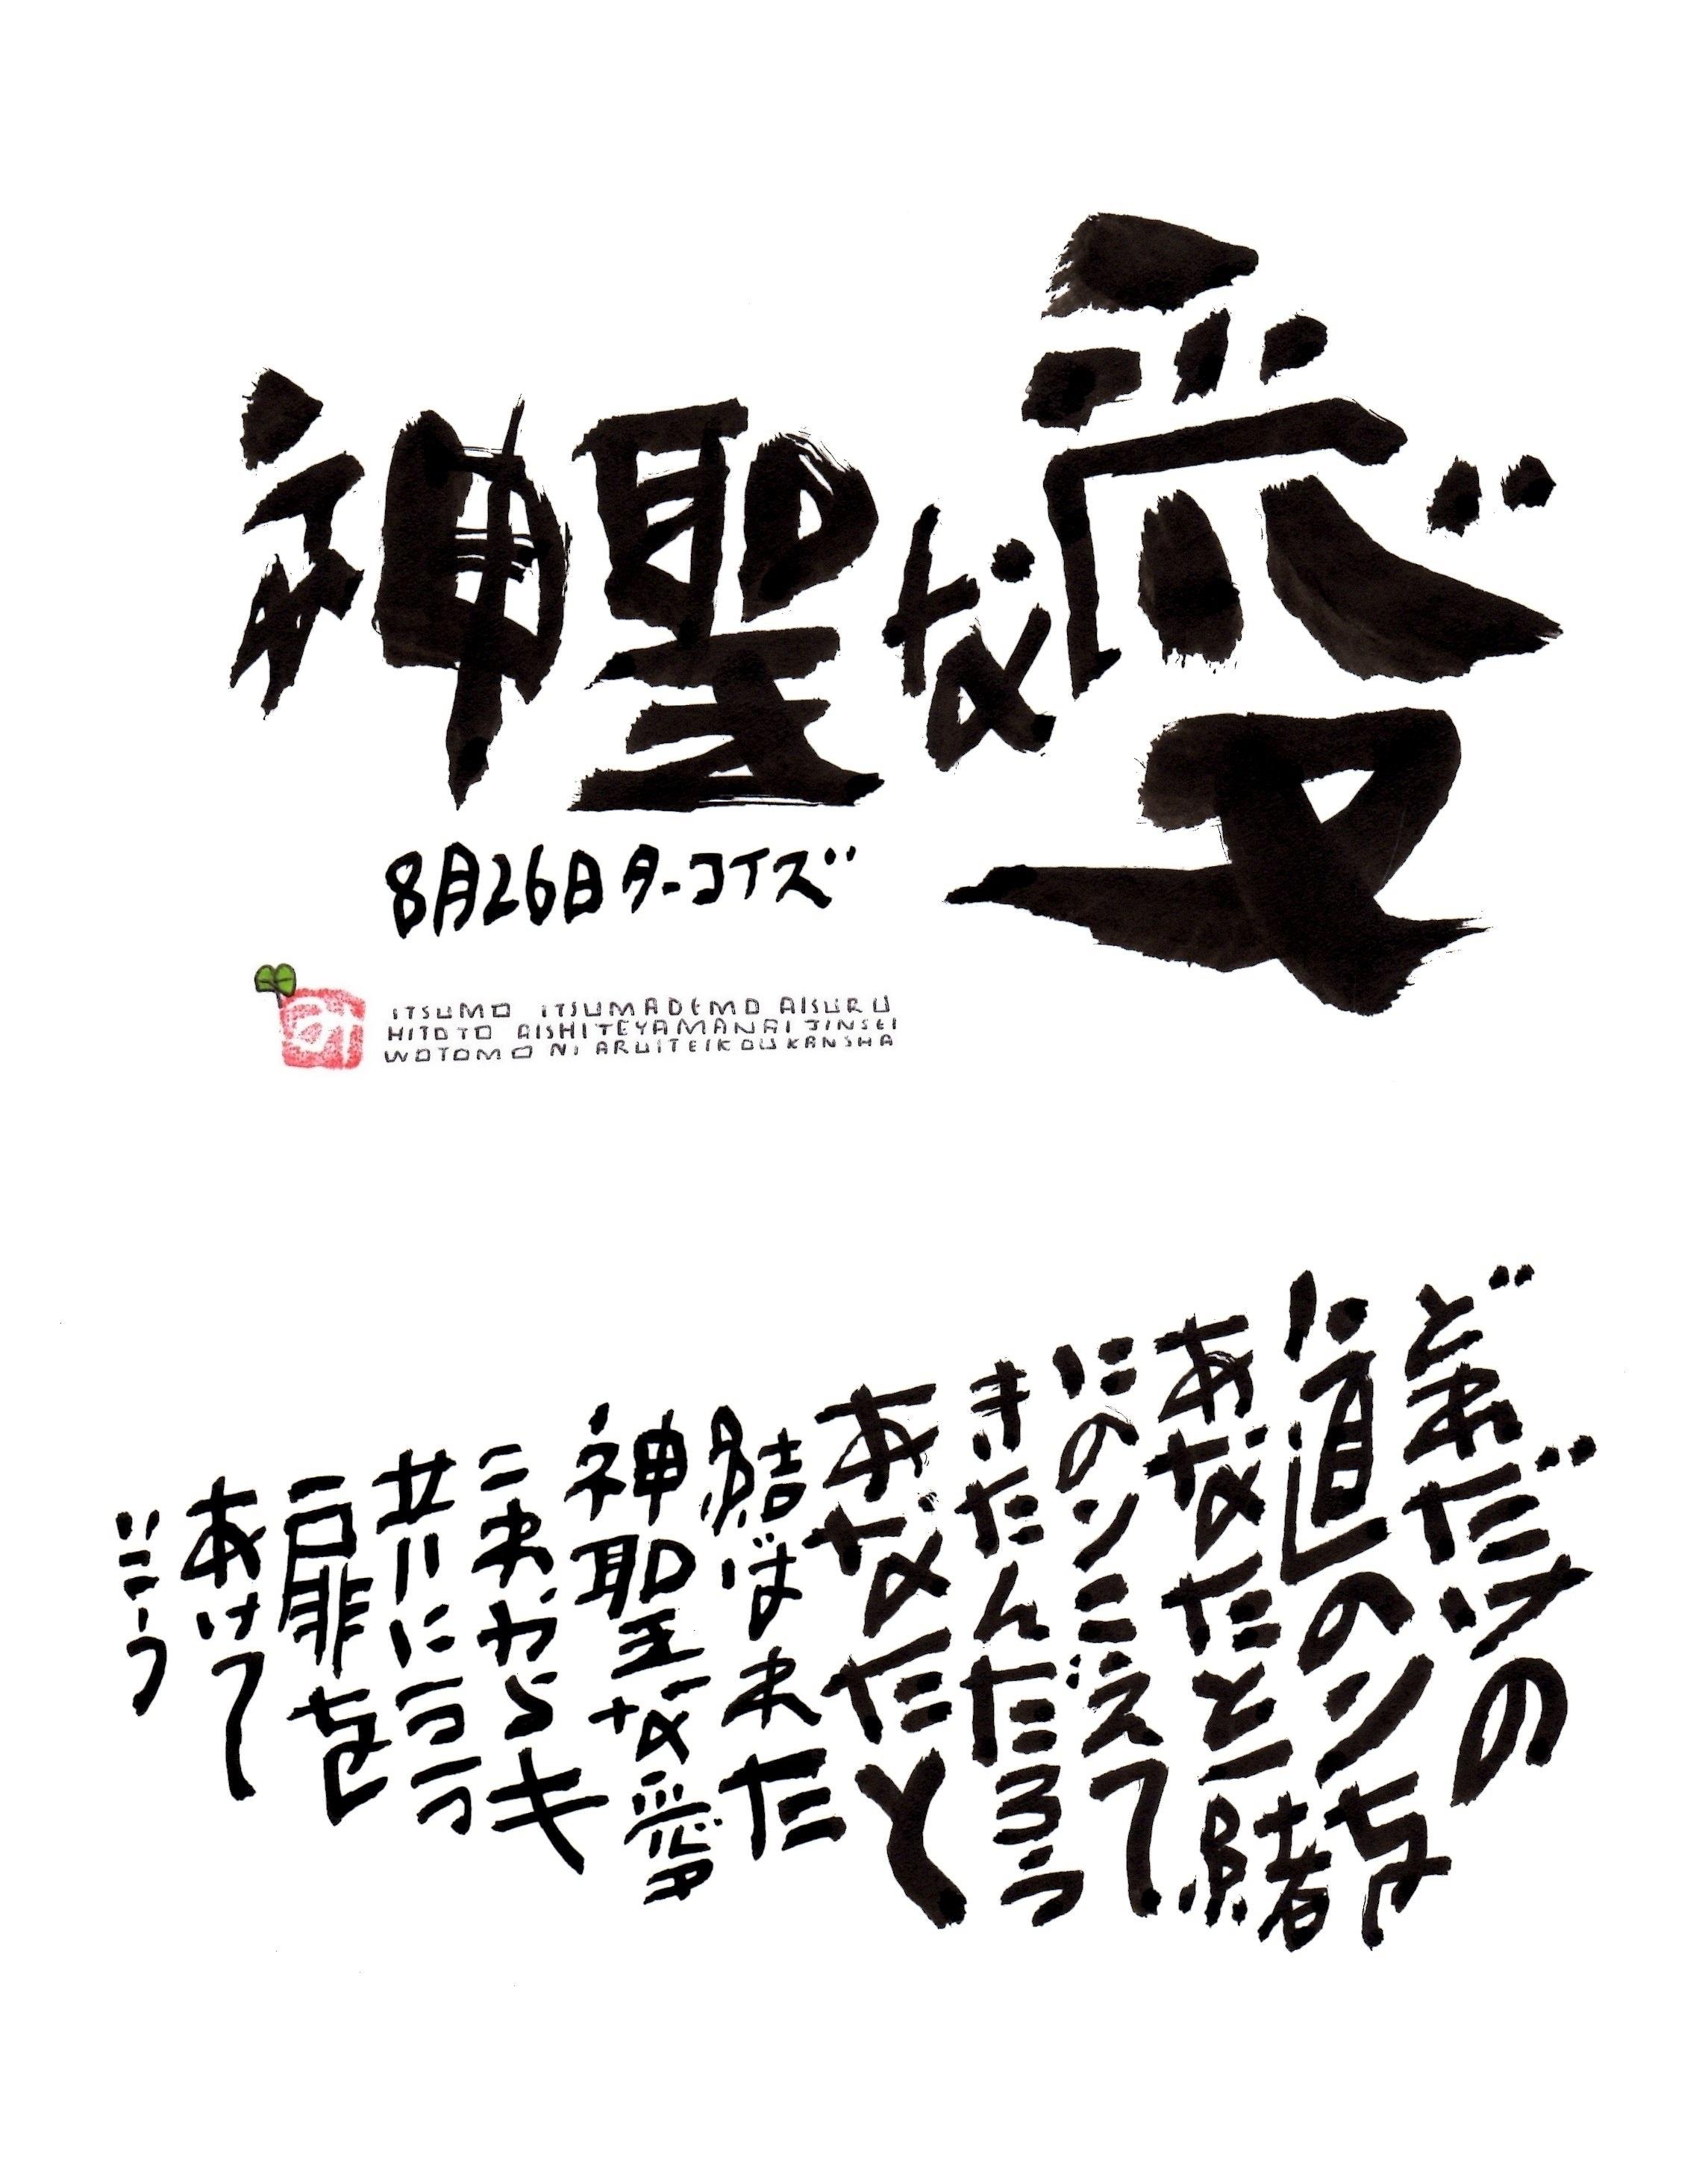 8月26日 結婚記念日ポストカード【神聖な愛】